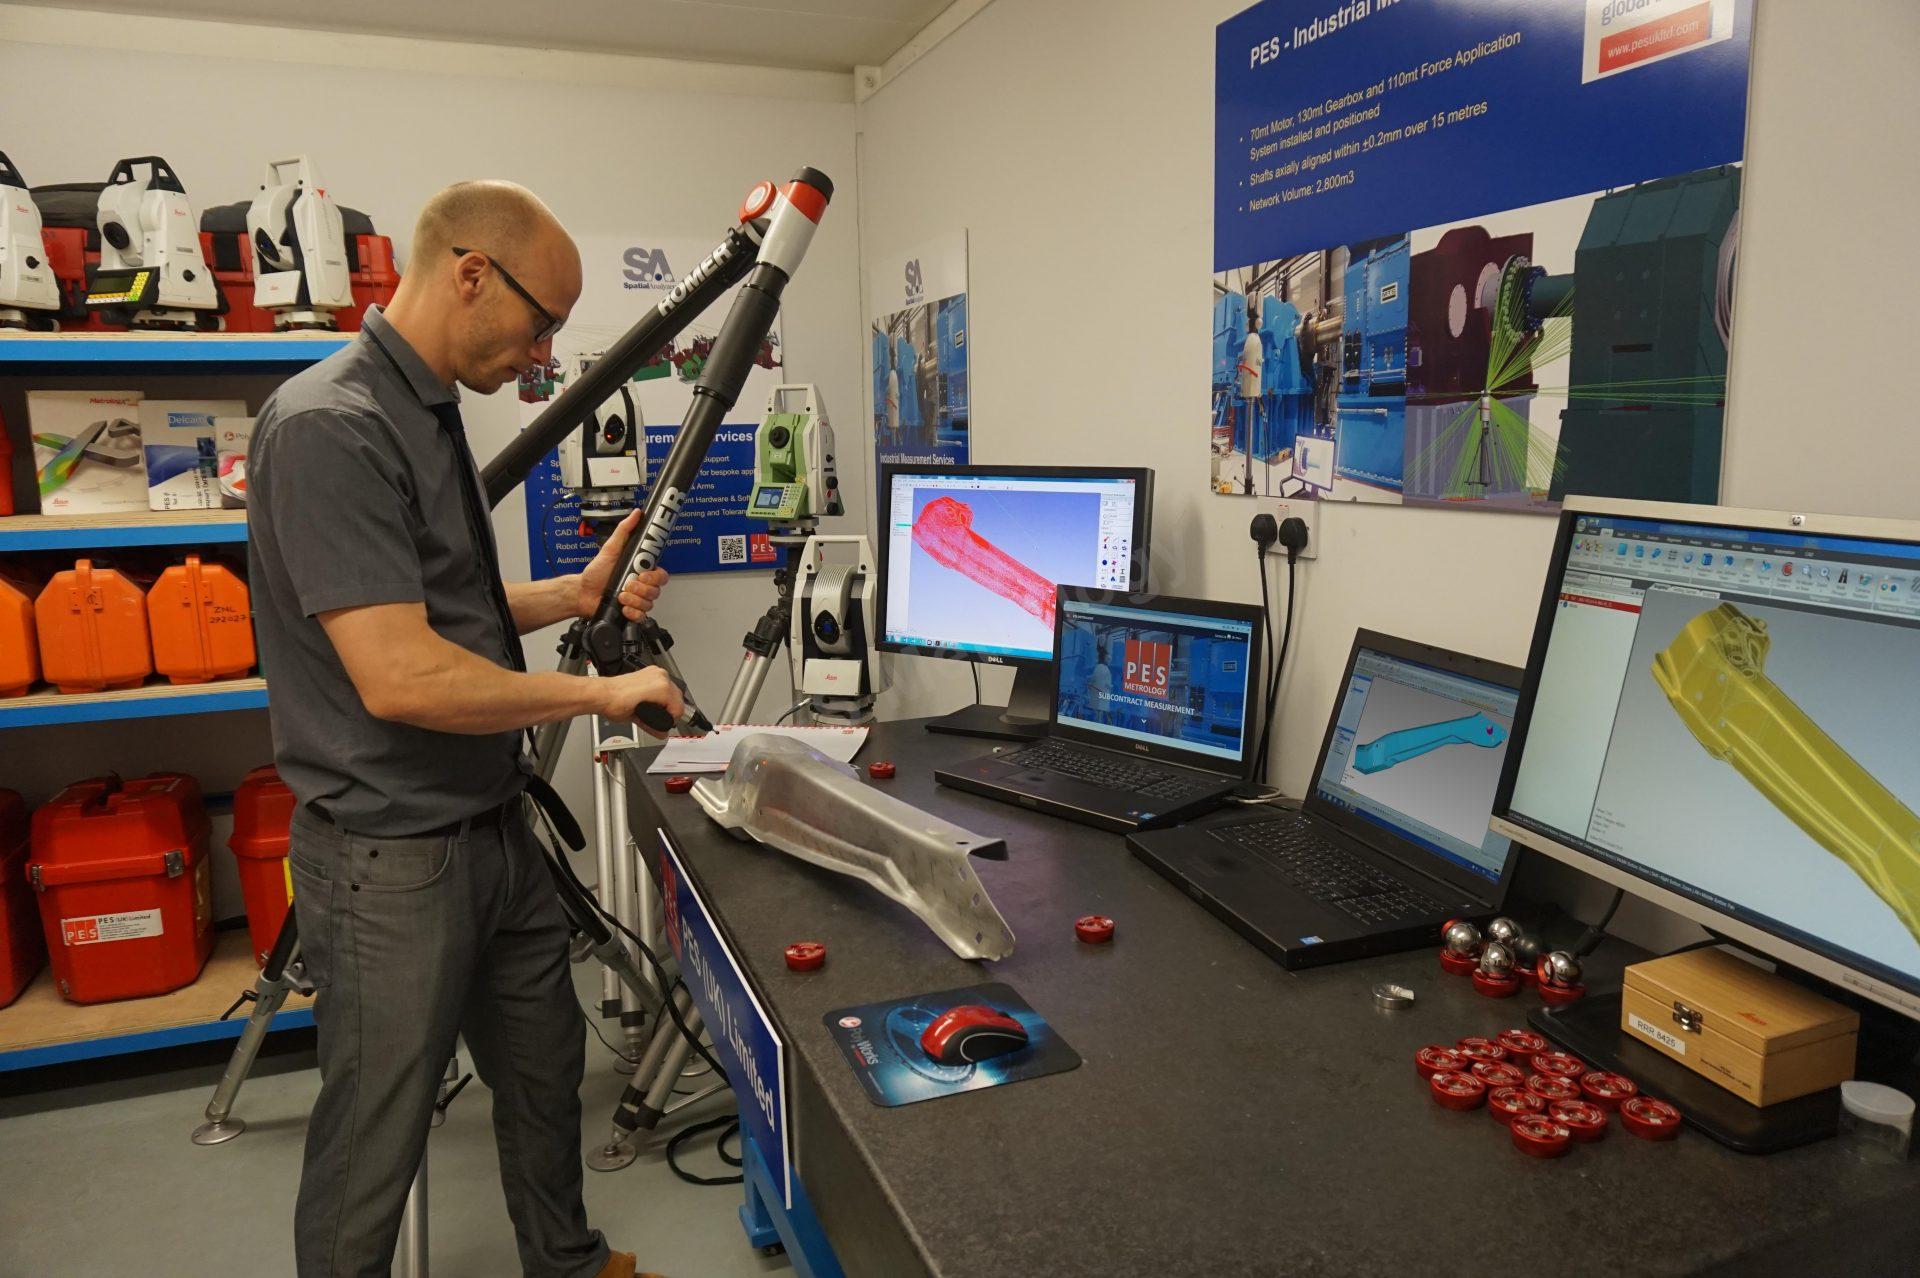 PES Metrology - Portable CMM Arms training